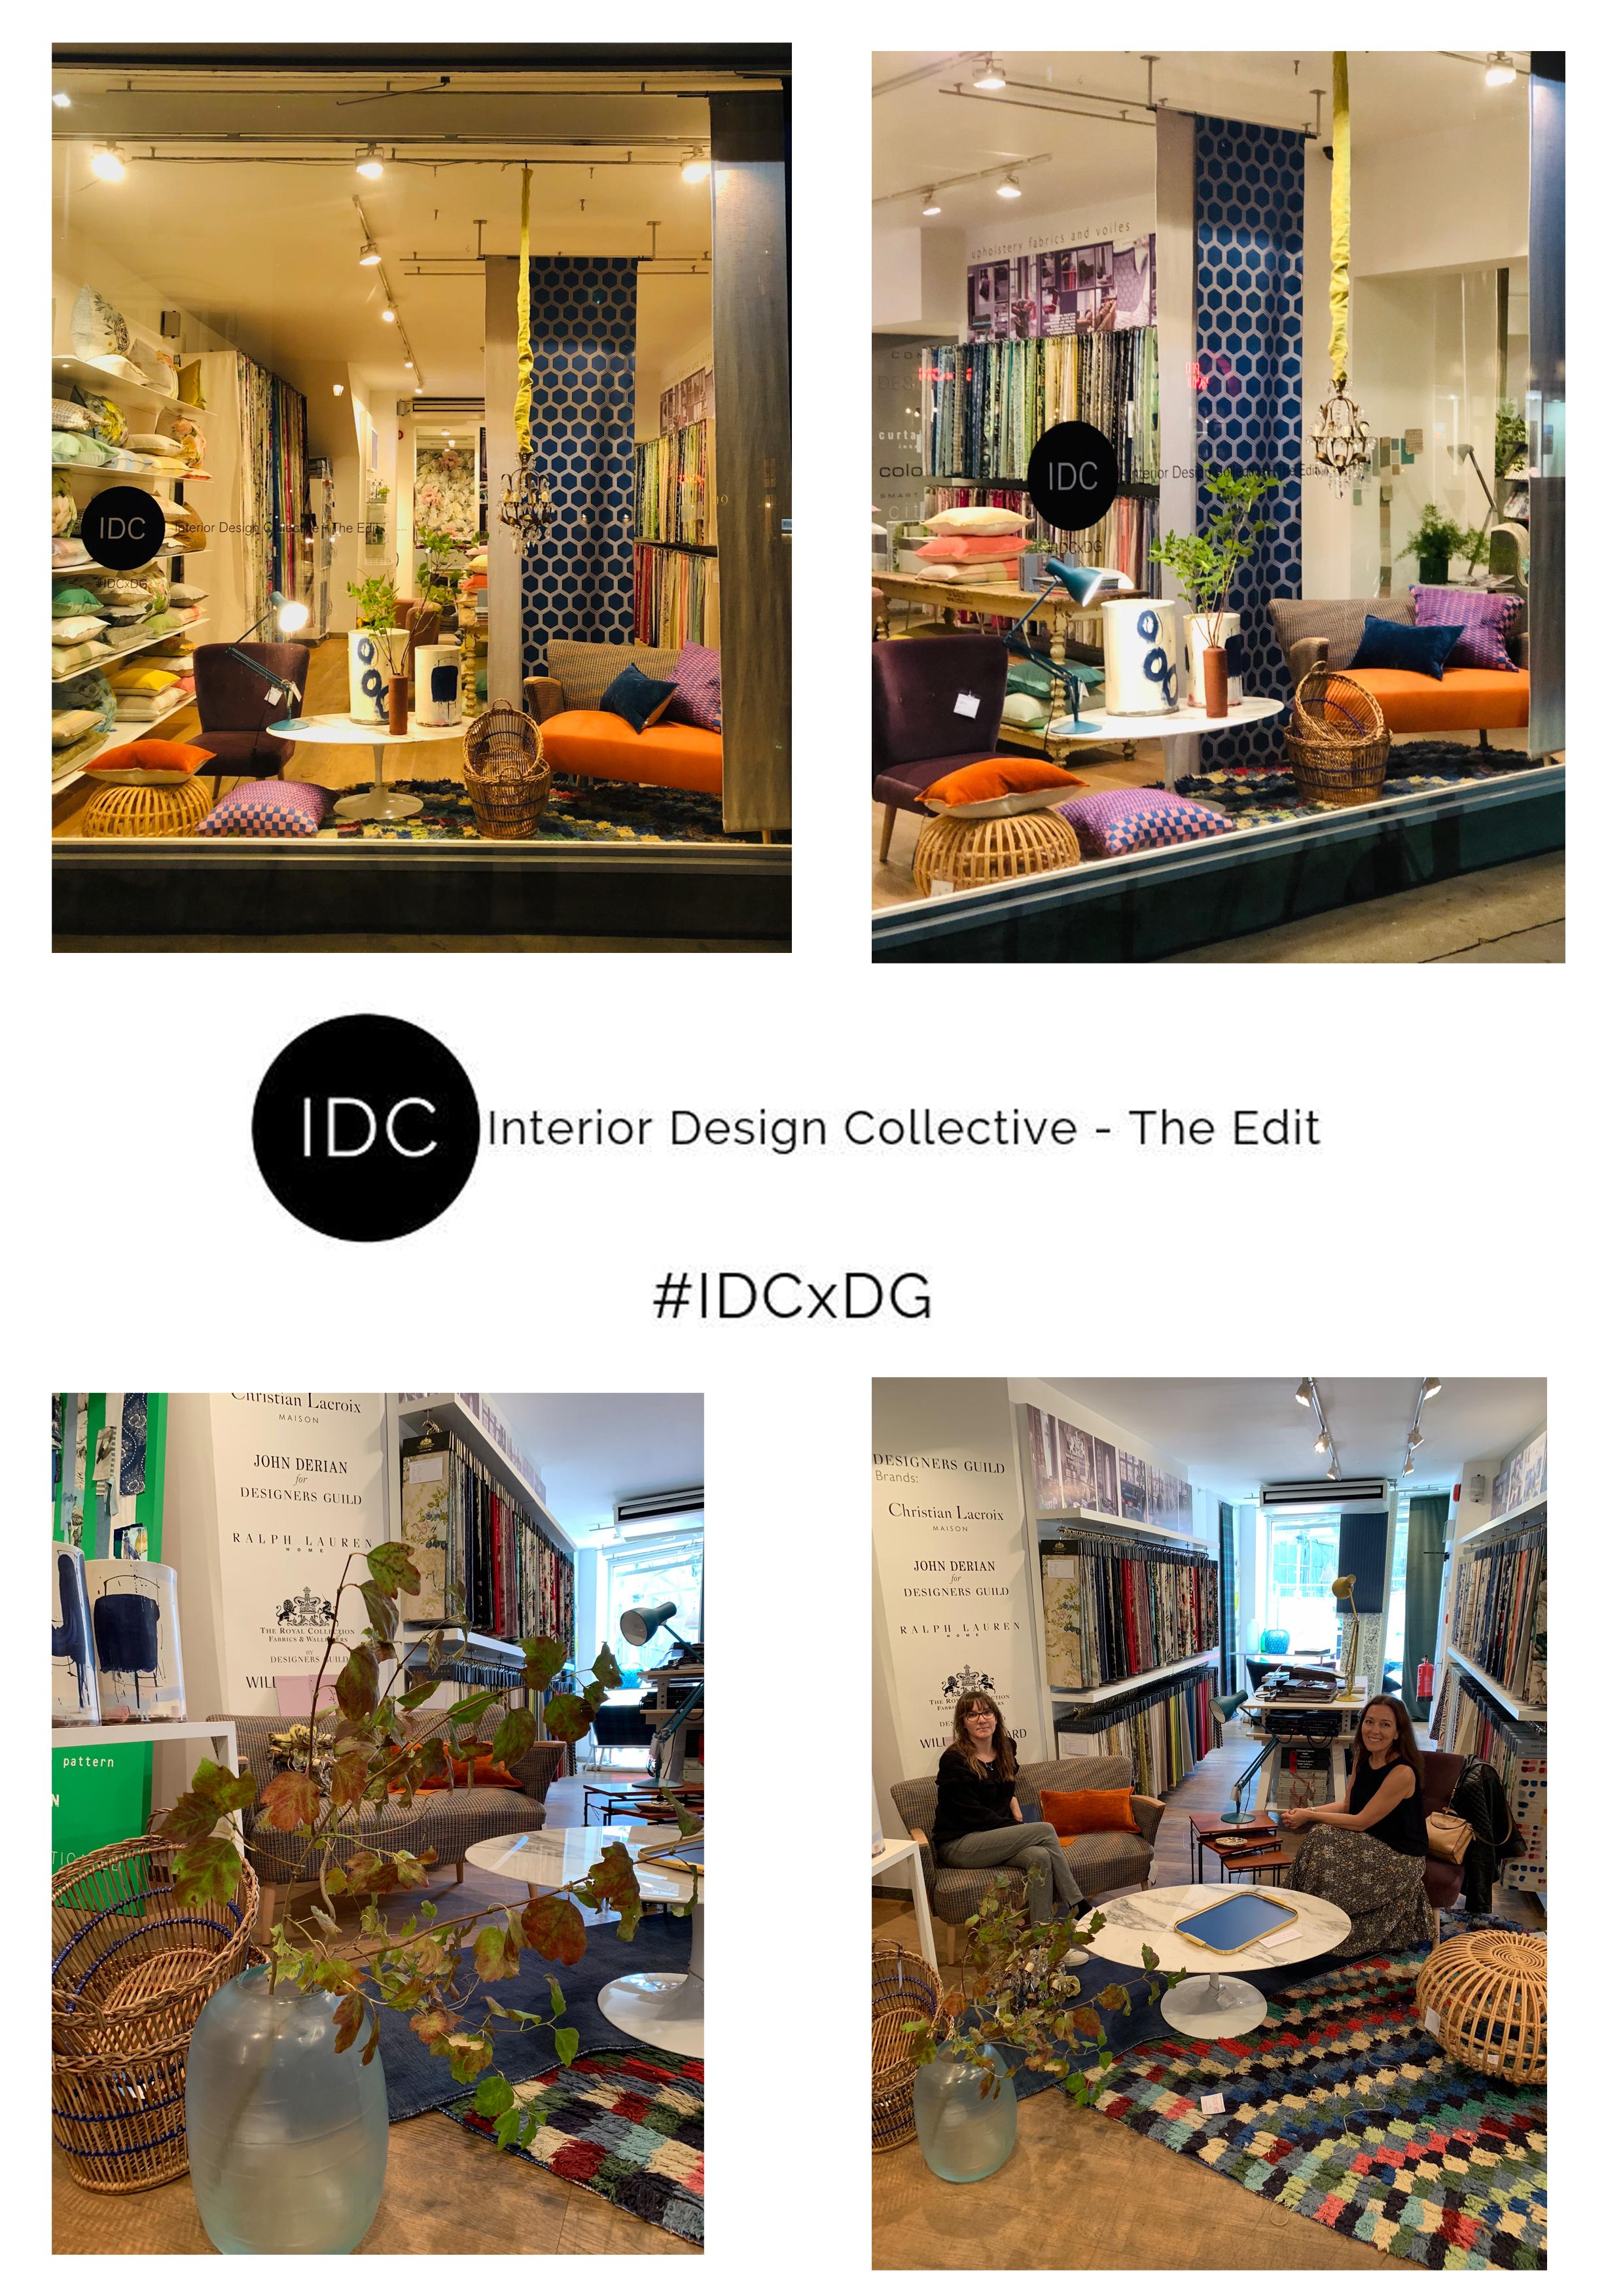 IDC x Designers Guild Edit